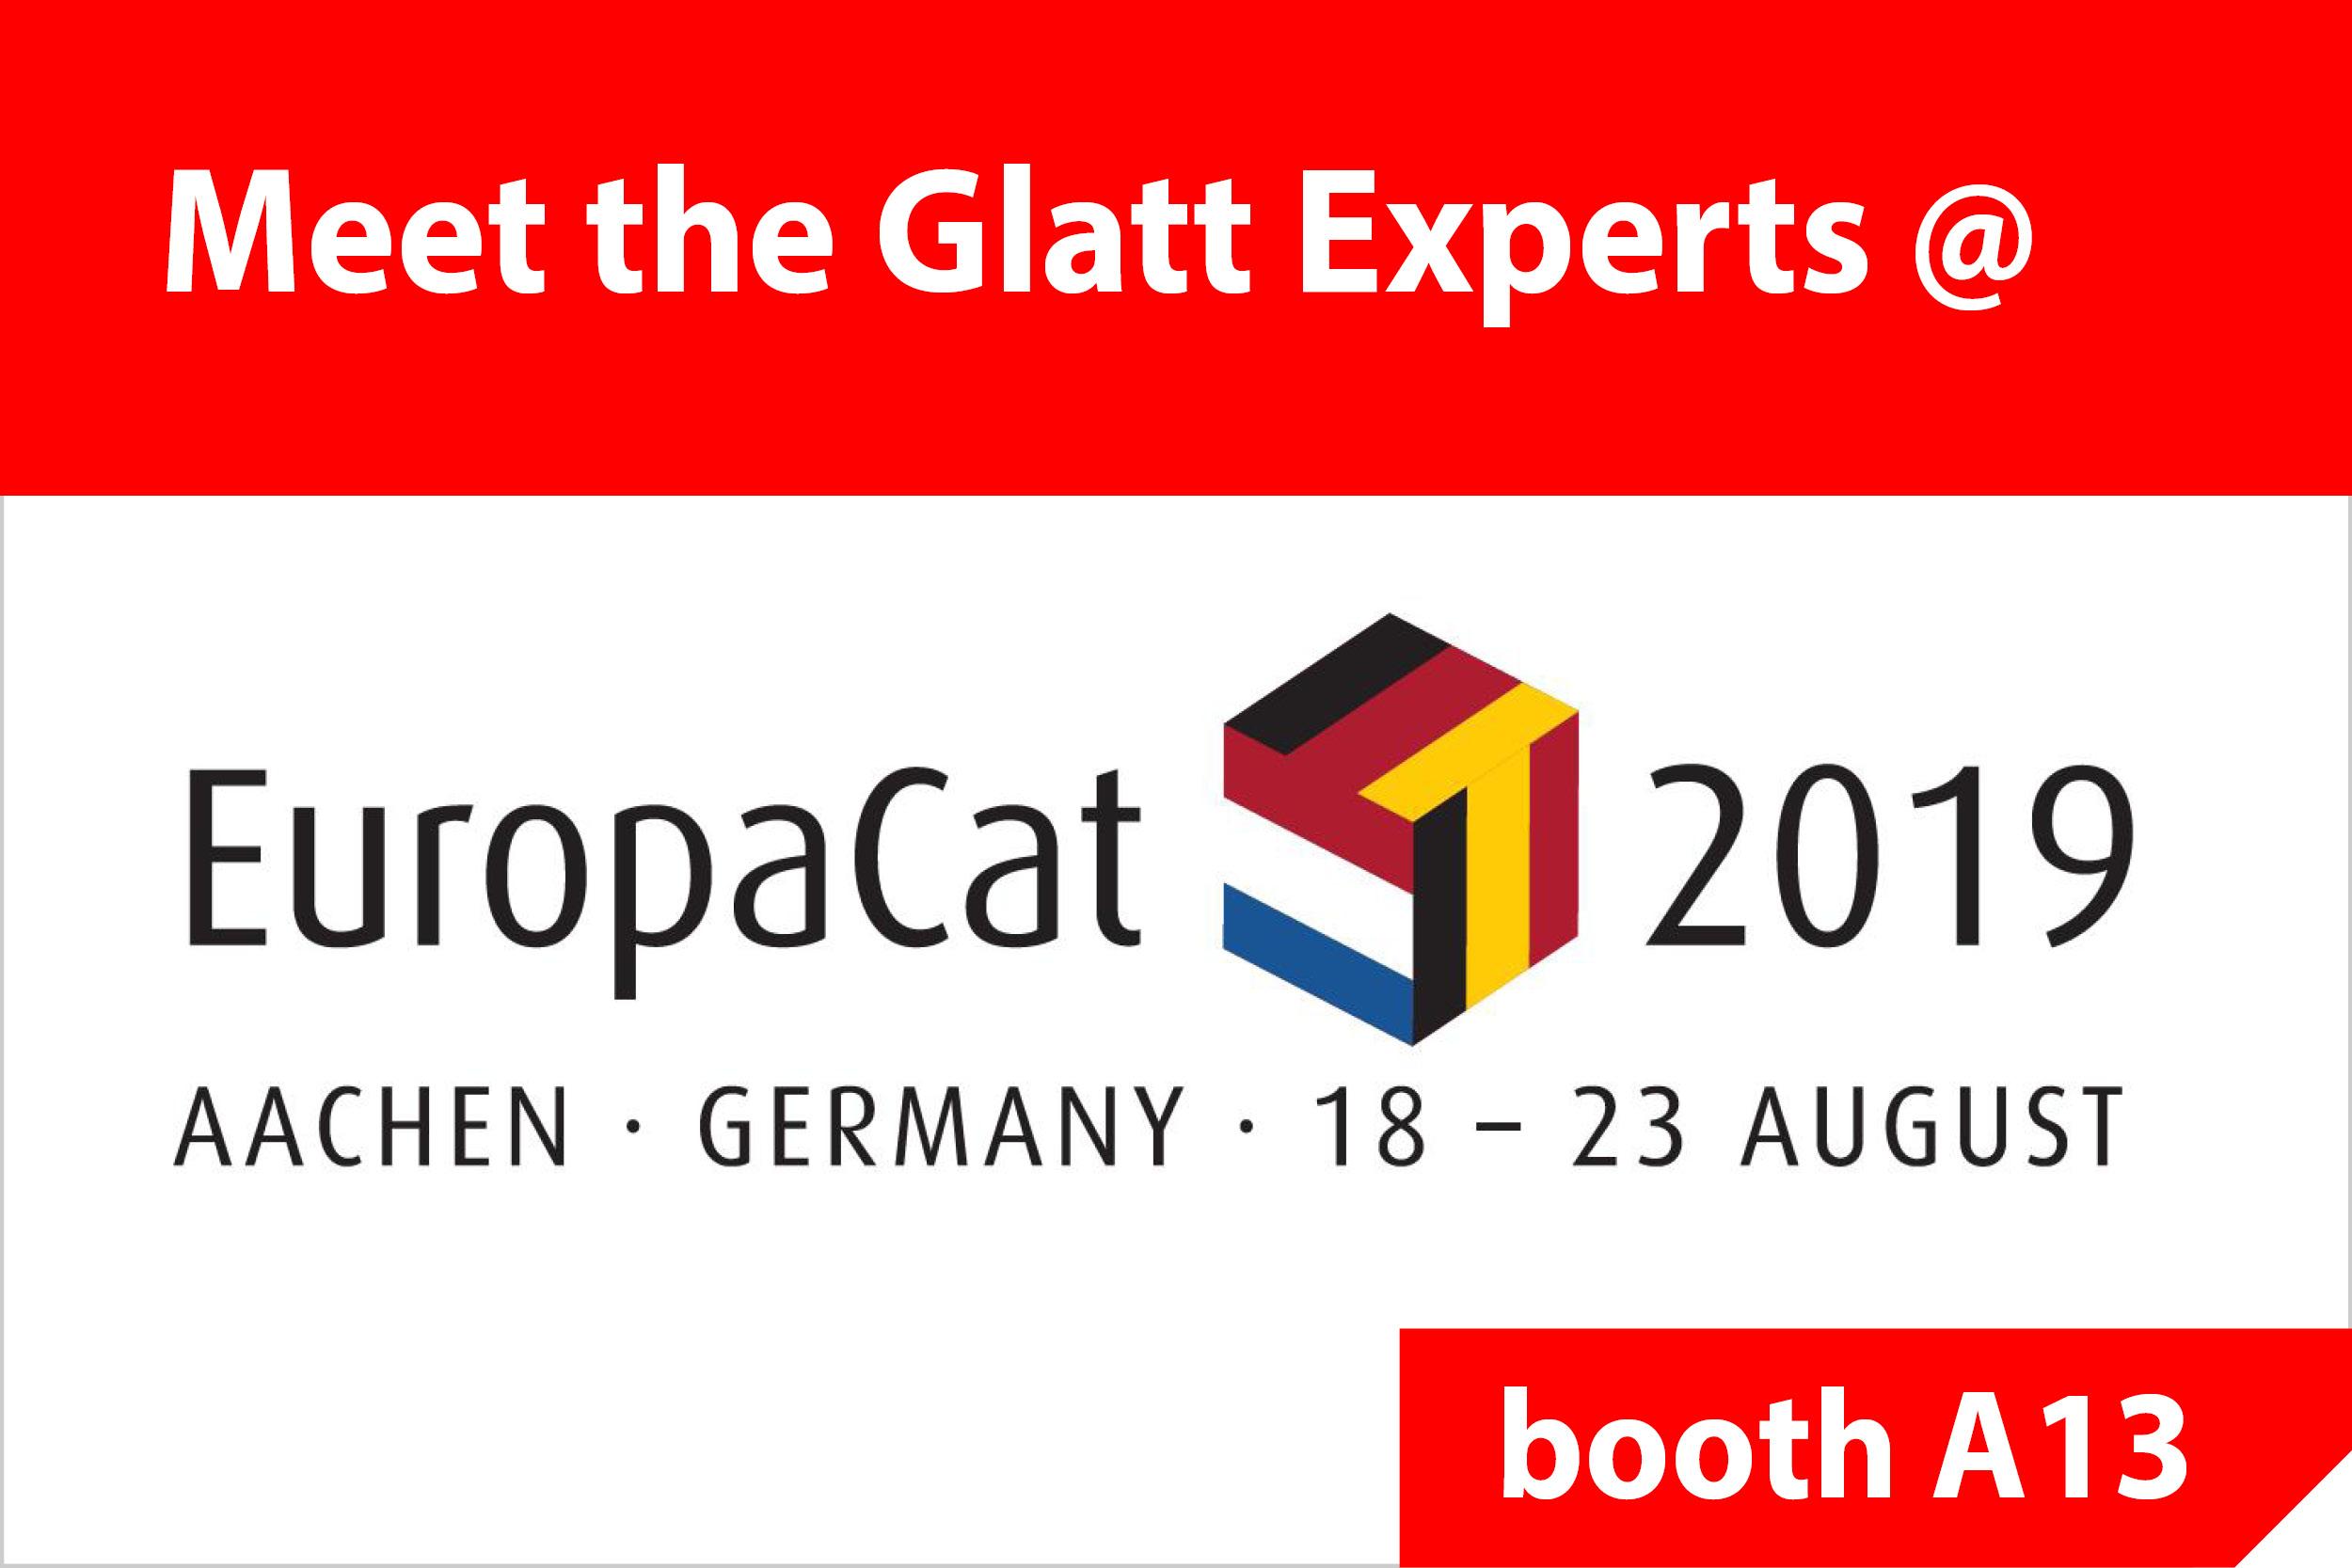 Glatt@EuropaCat2019, booth A13